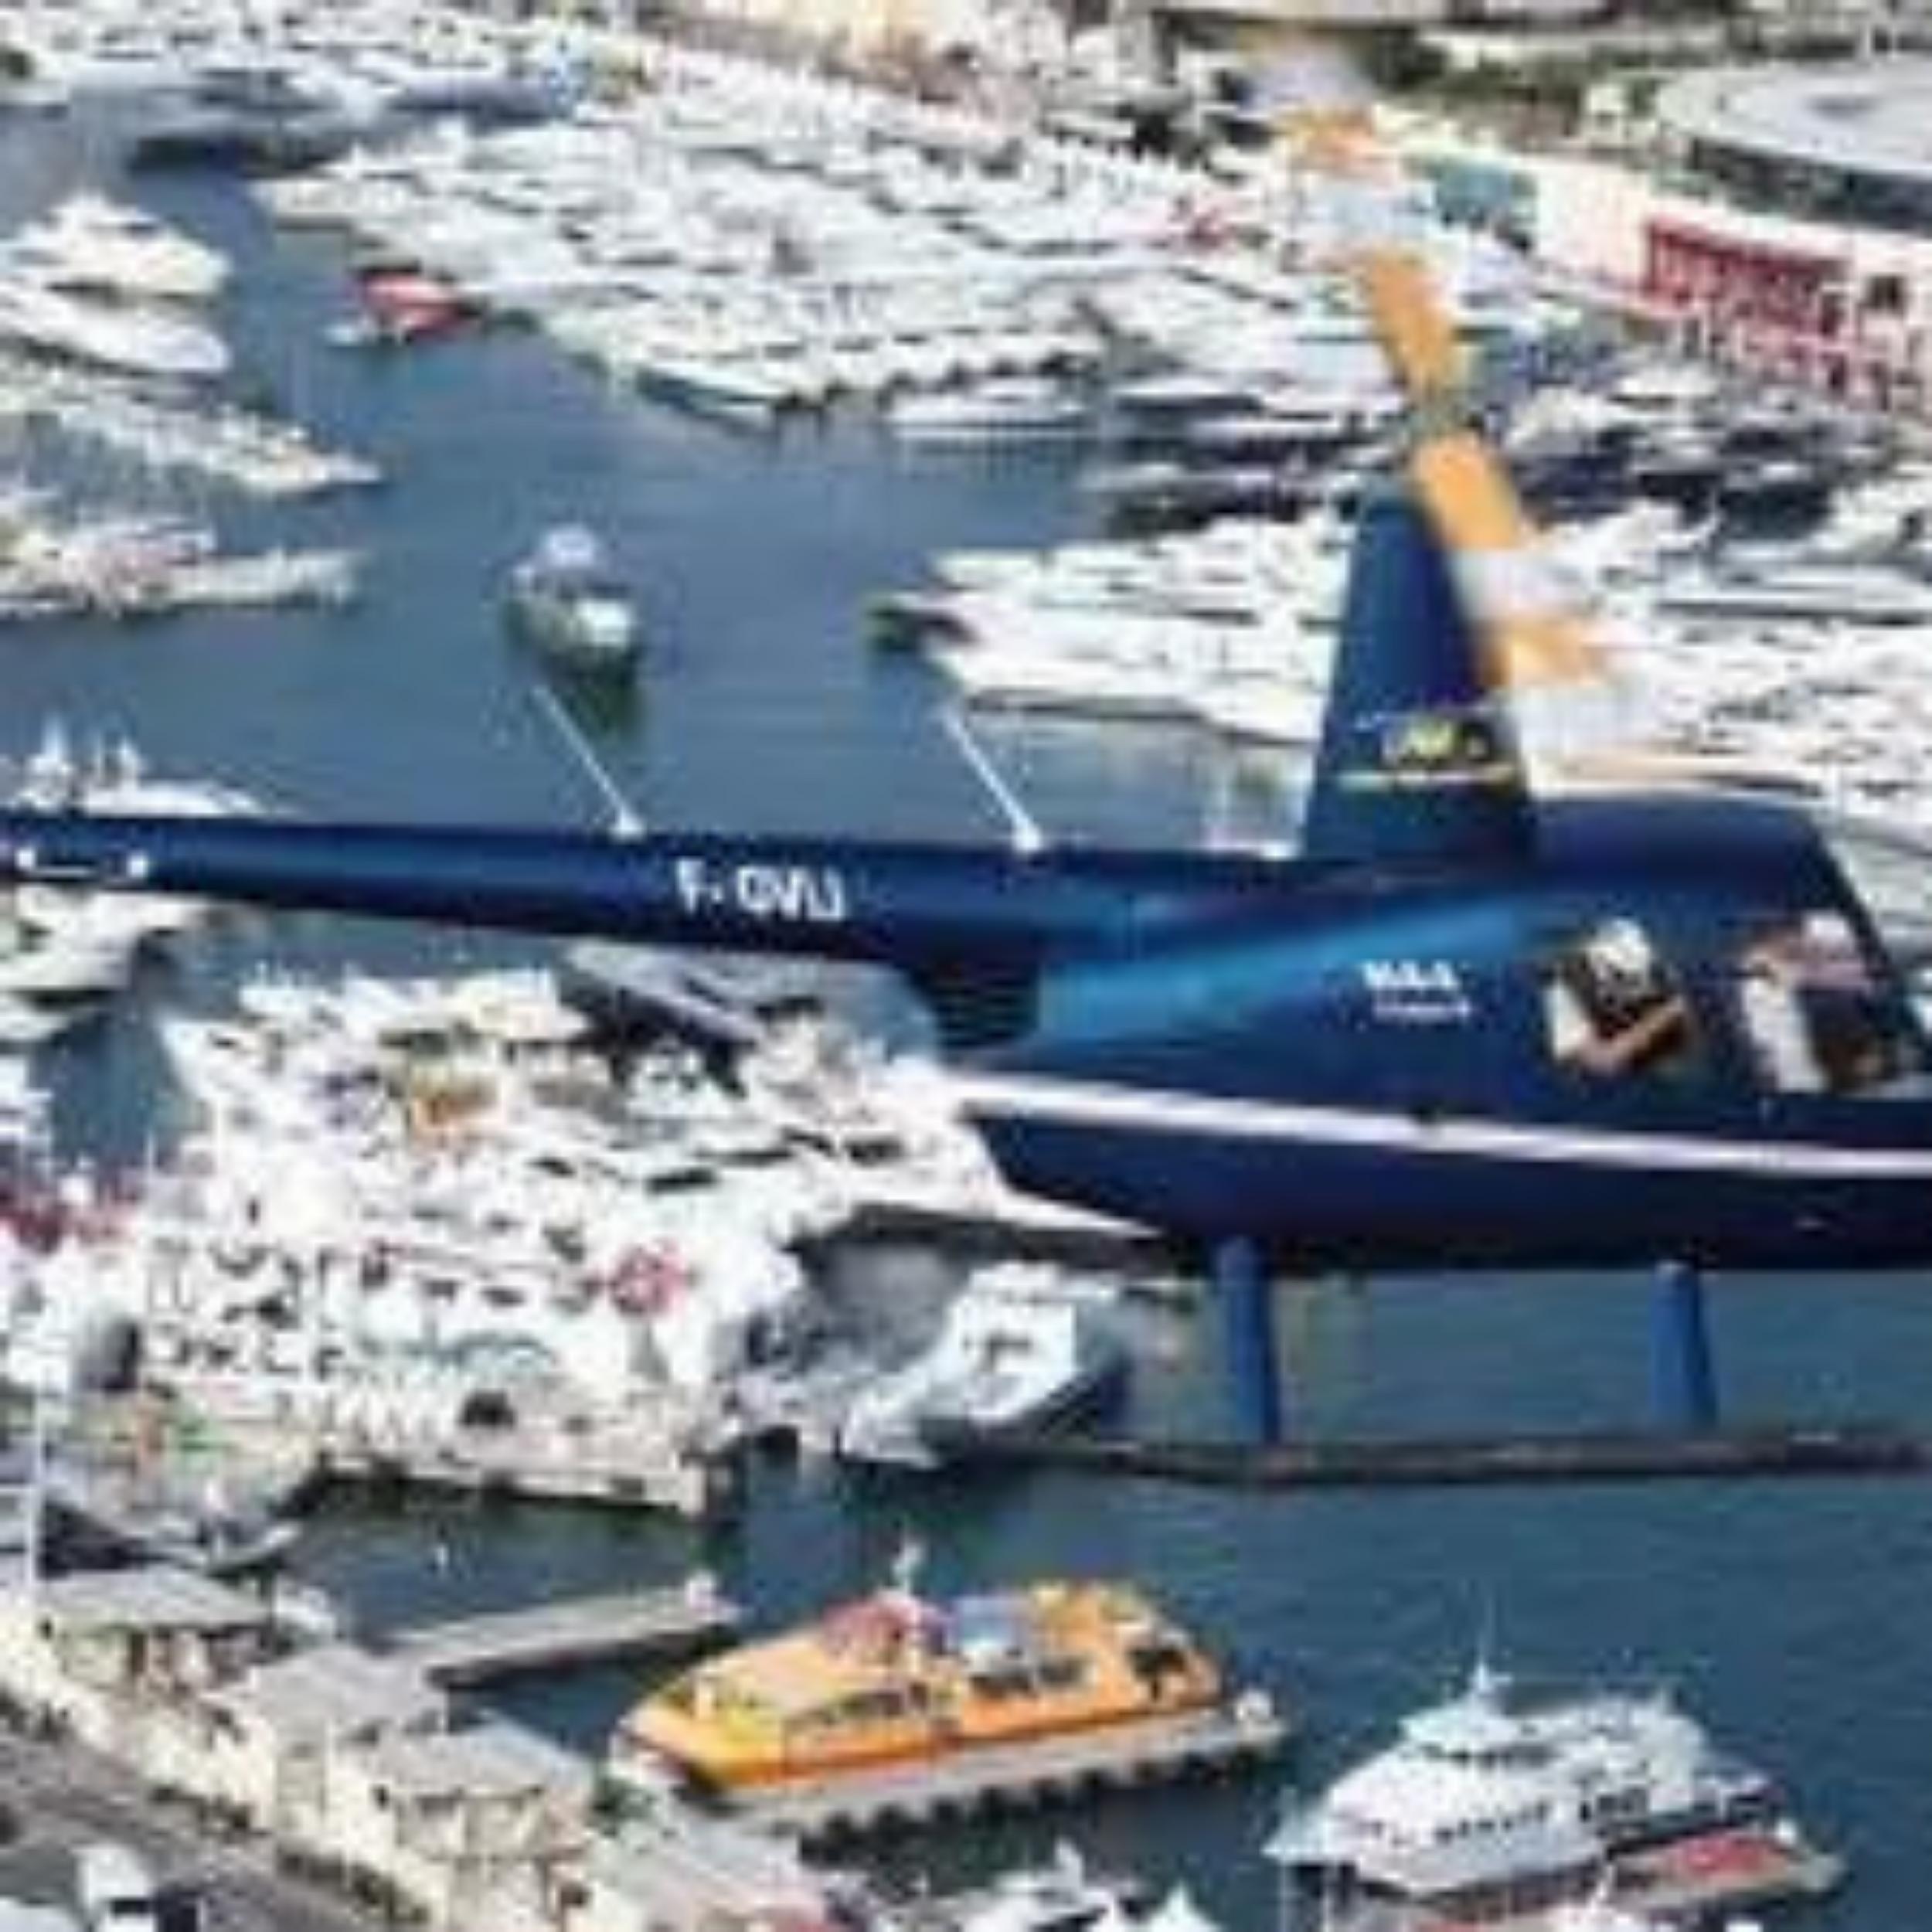 Vol Panoramique en hélicoptère aux Gorges du Verdon (de Cannes)